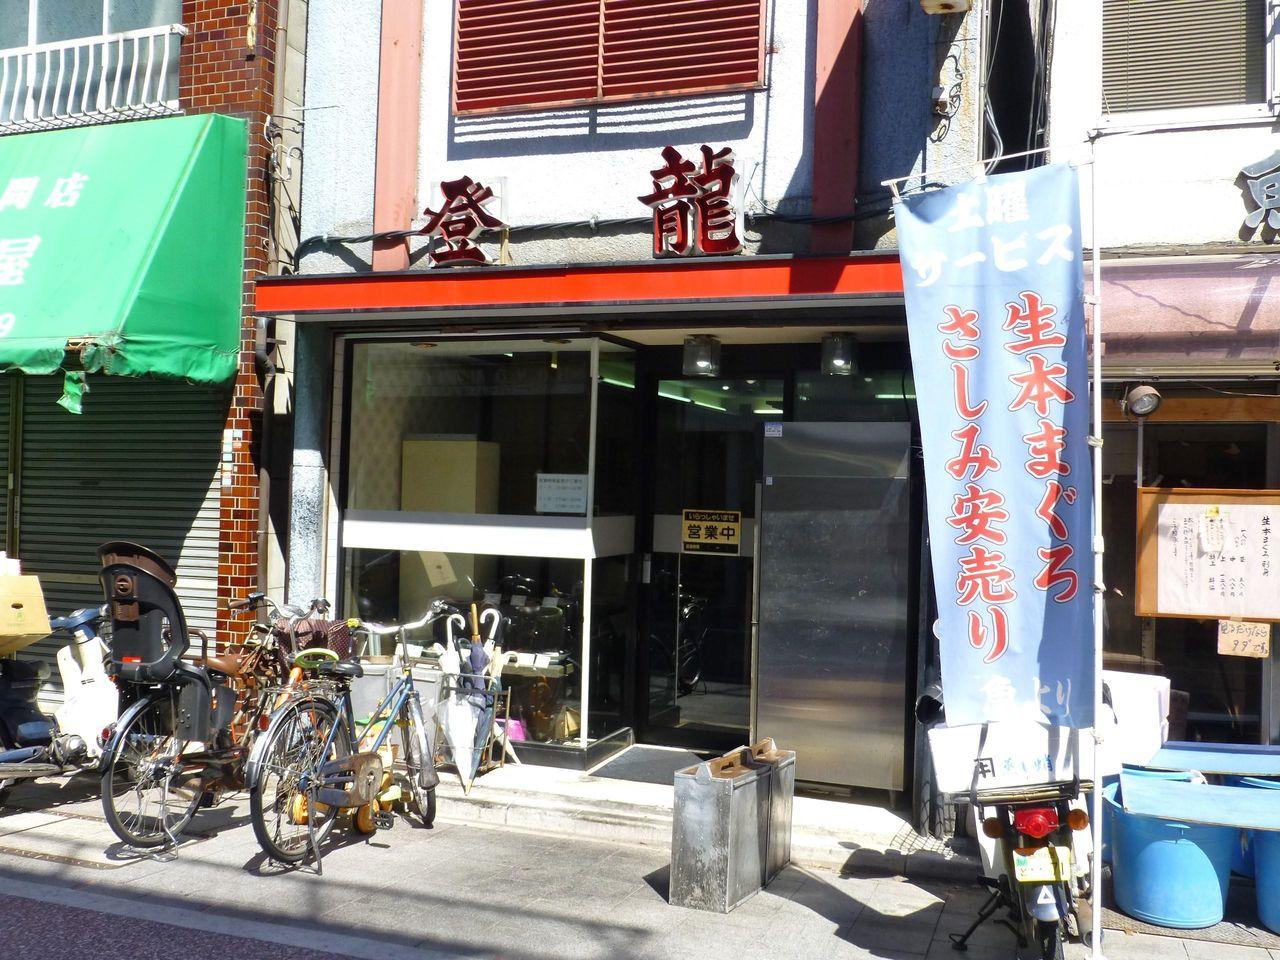 北品川のデカ盛り中華料理店「登龍」